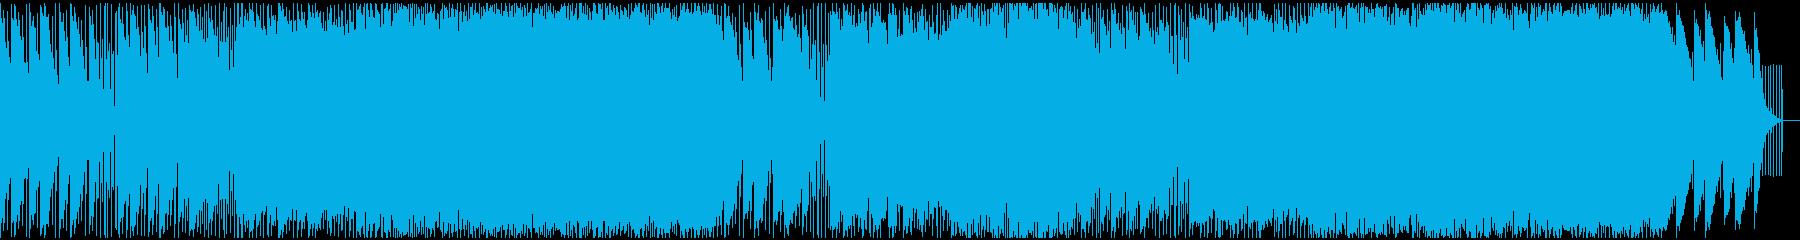 序章感のあるピアノコードが印象的なEDMの再生済みの波形